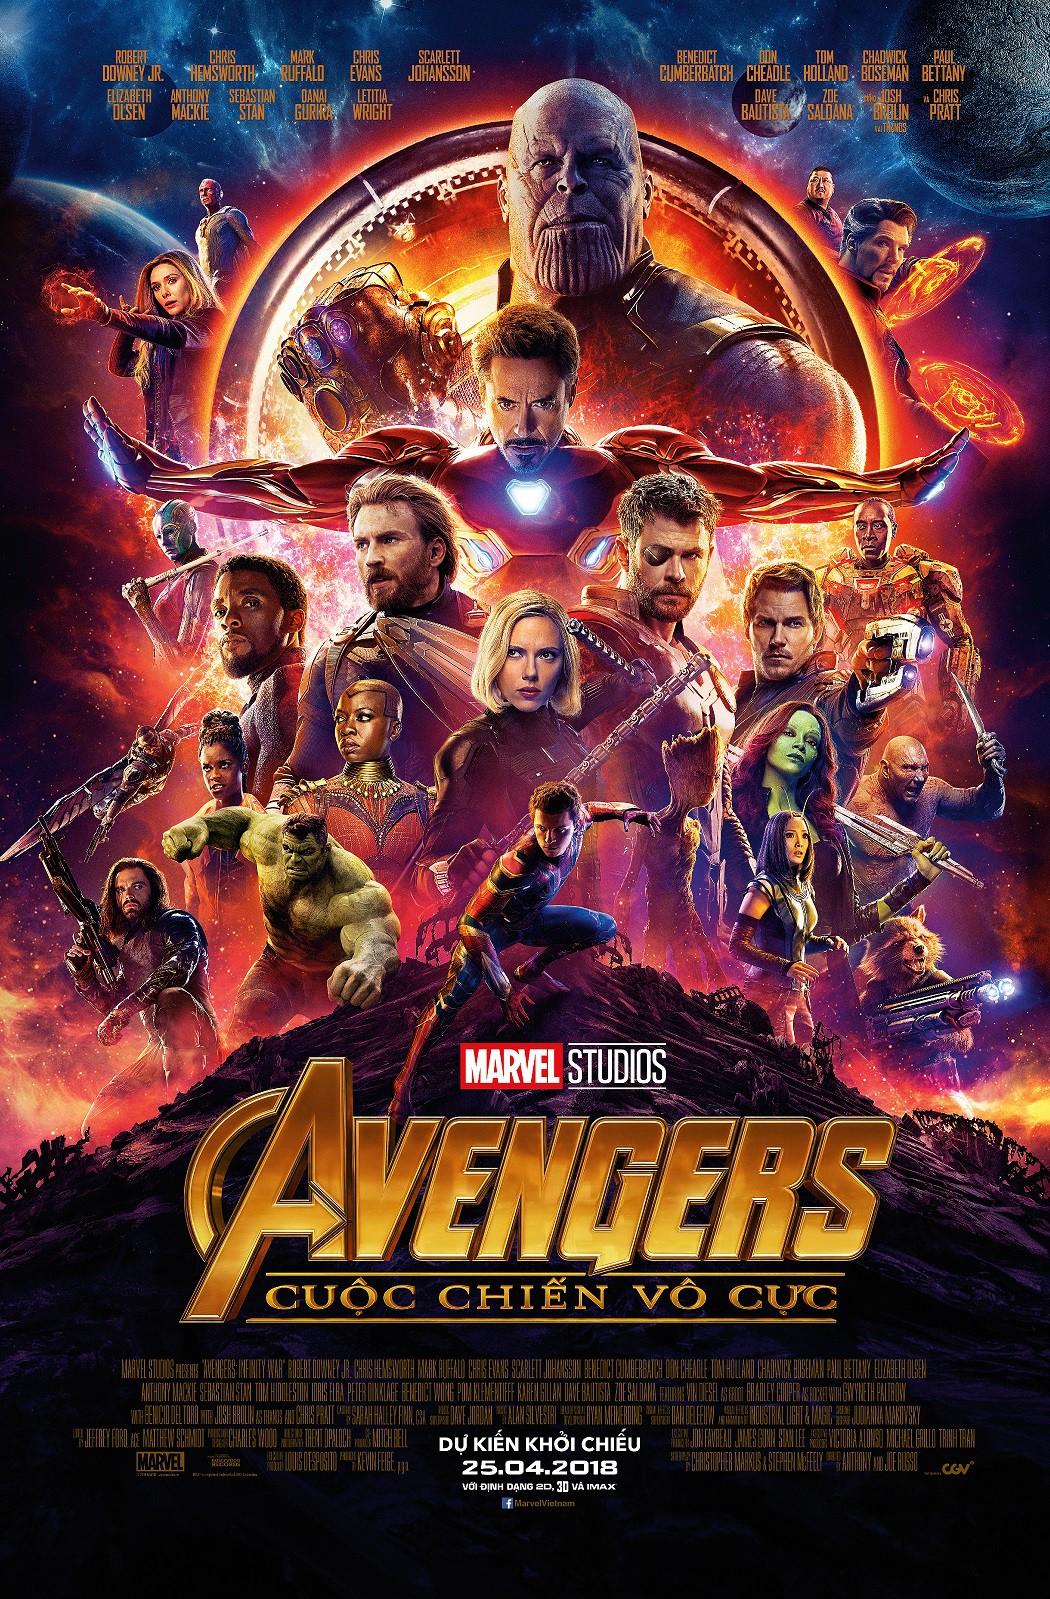 Review Avengers: Cuộc Chiến Vô Cực - Nín thở, choáng váng và đầy cảm xúc dành tặng fan Marvel - Ảnh 11.